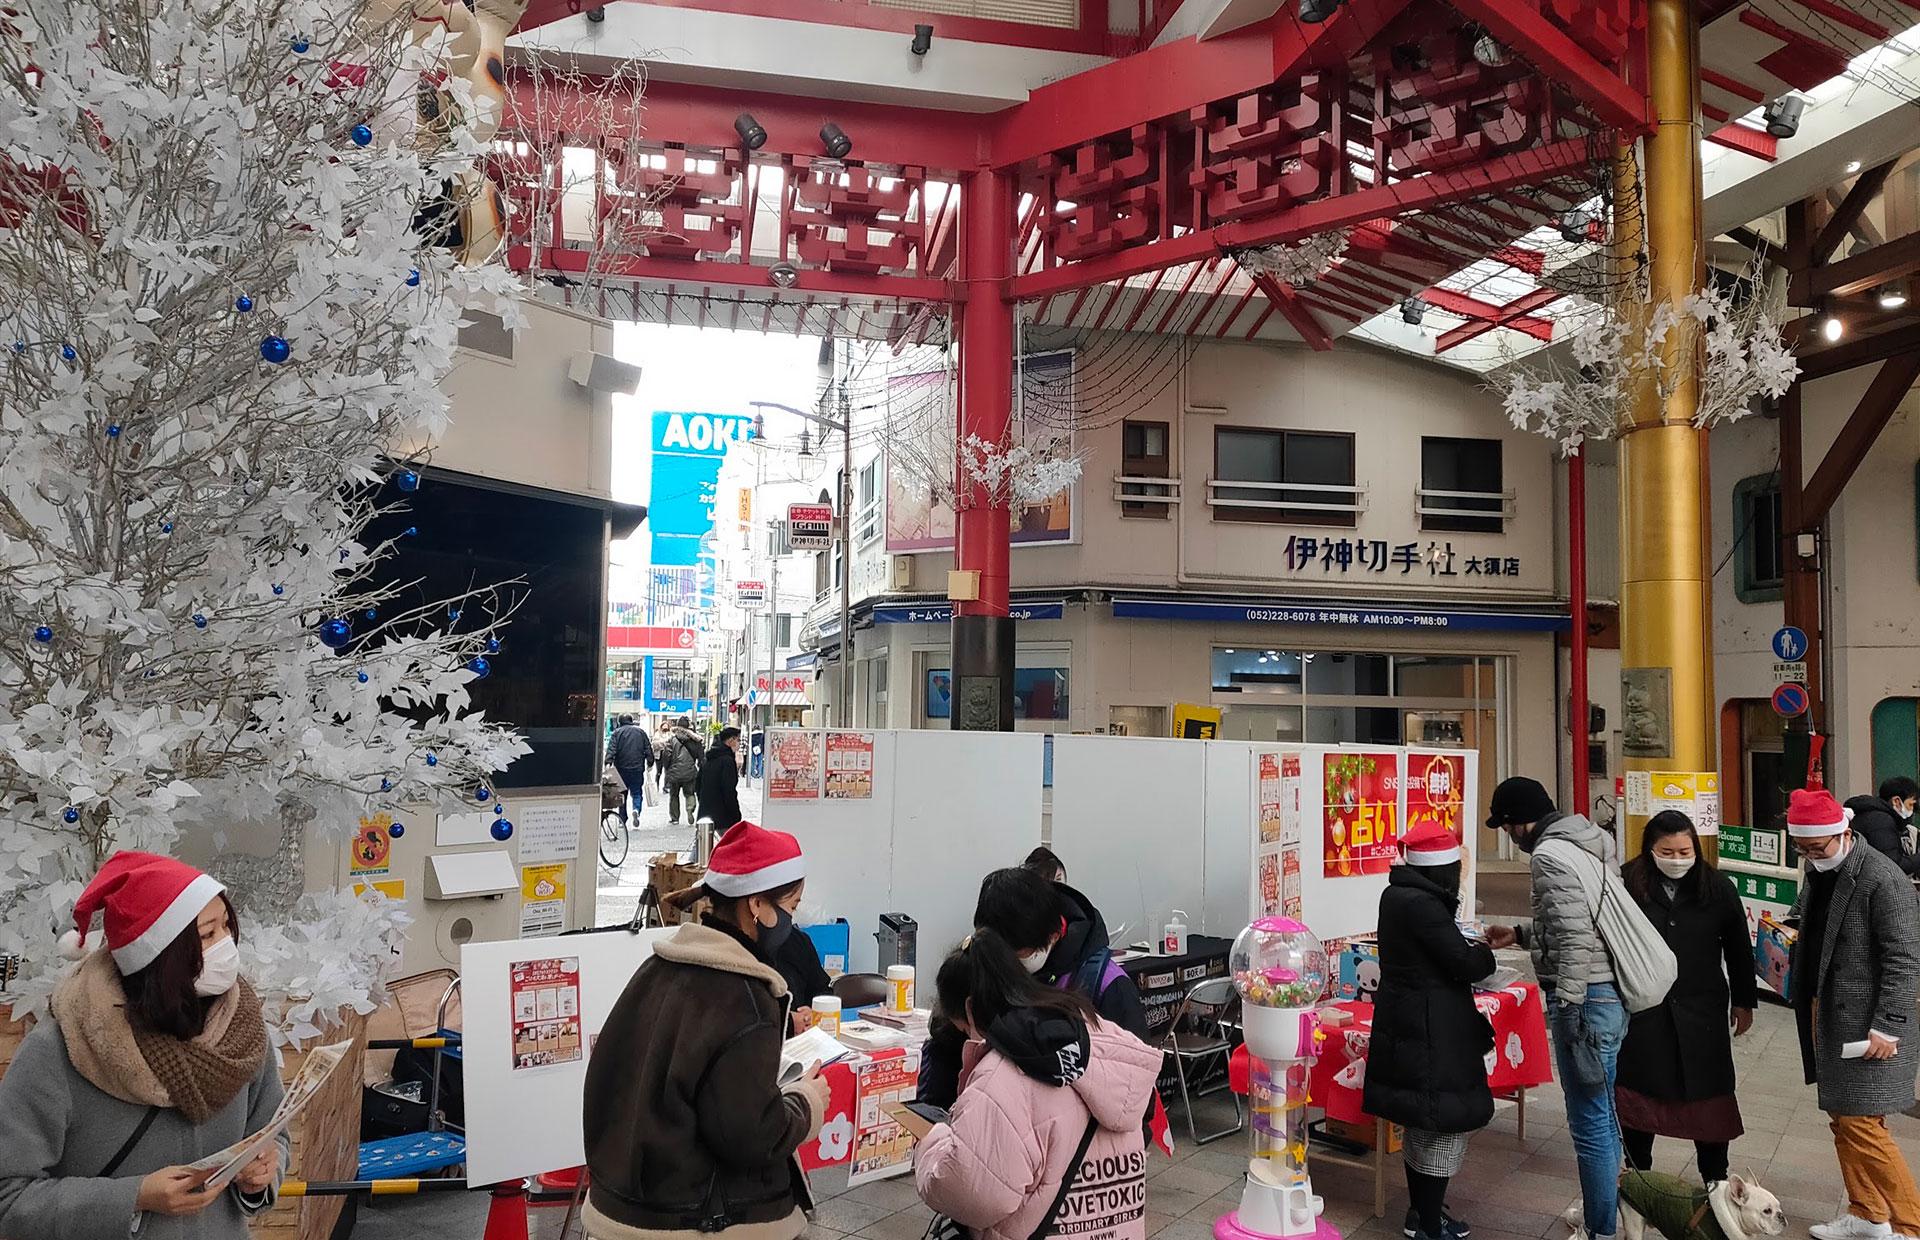 神戸市を元気にする地域ポイントを創ろう